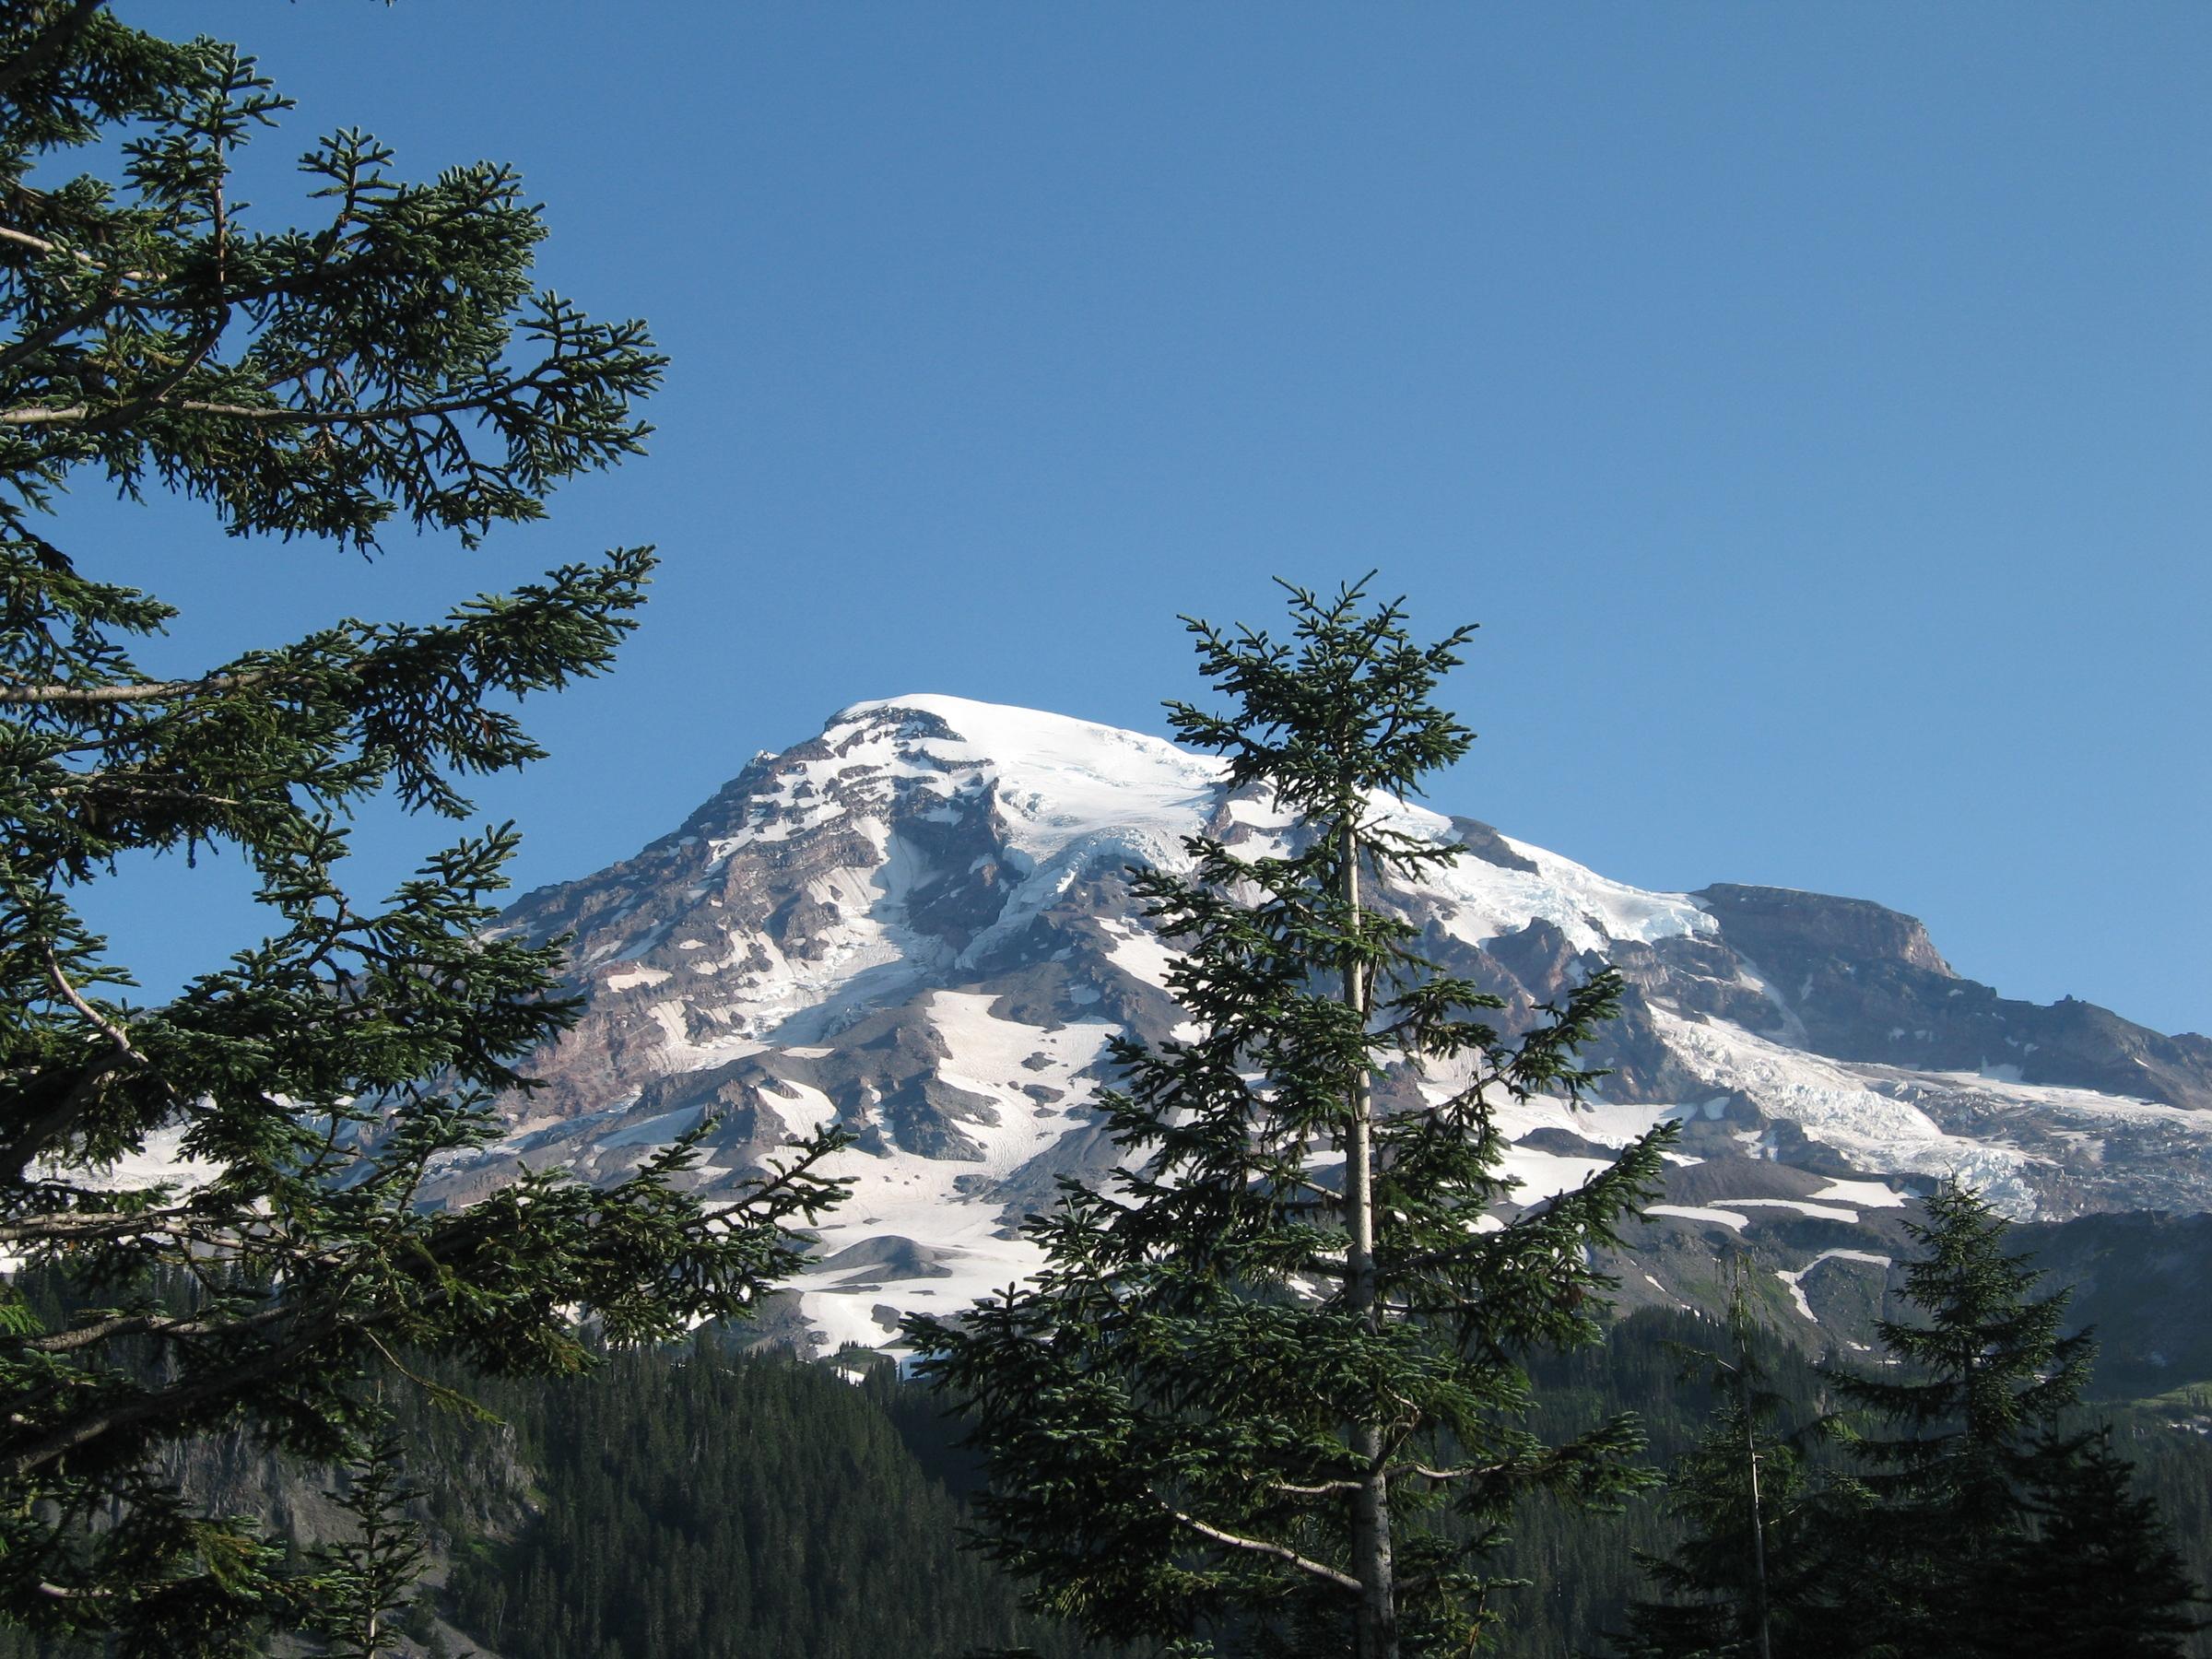 Mount Rainier, Seattle